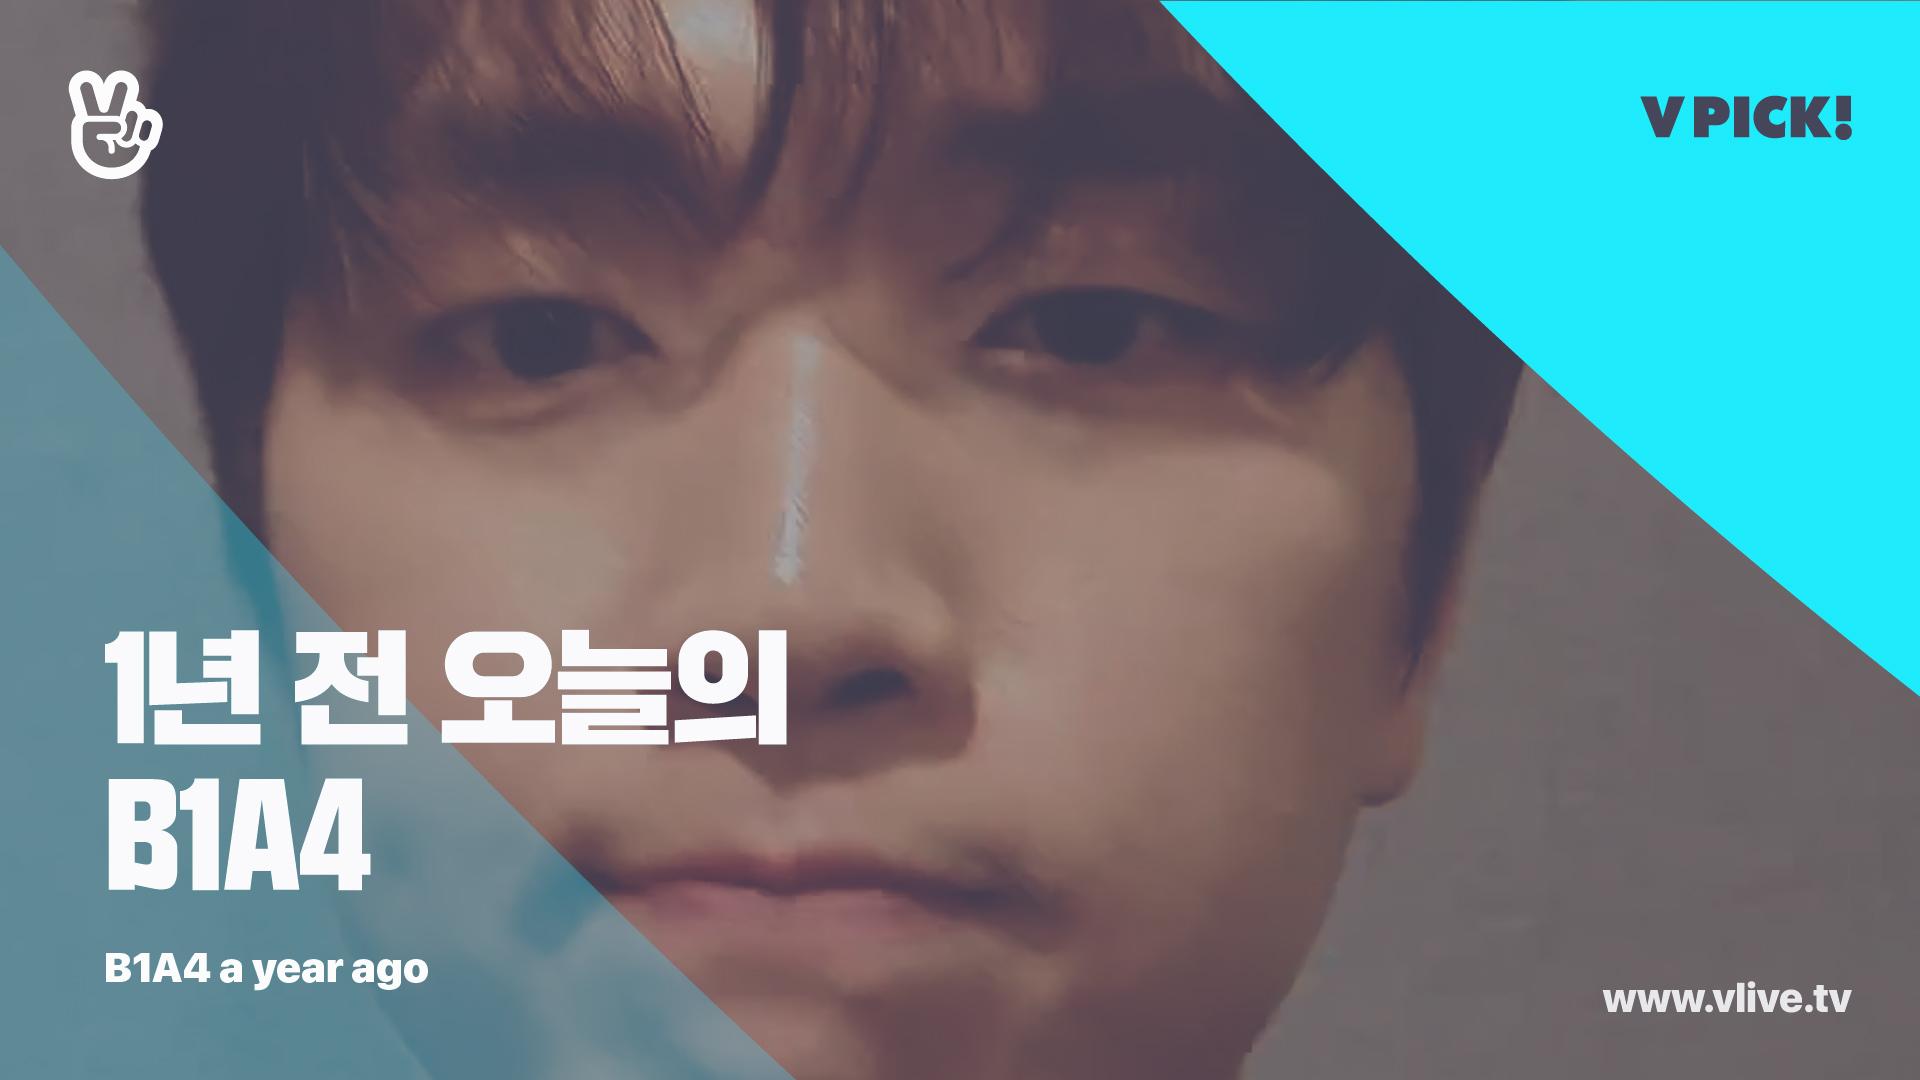 [1년 전 오늘의 B1A4] 삼돌 덕분에 2020년도 기쁘고 빨랐어💚 (SANDEUL's V a year ago)